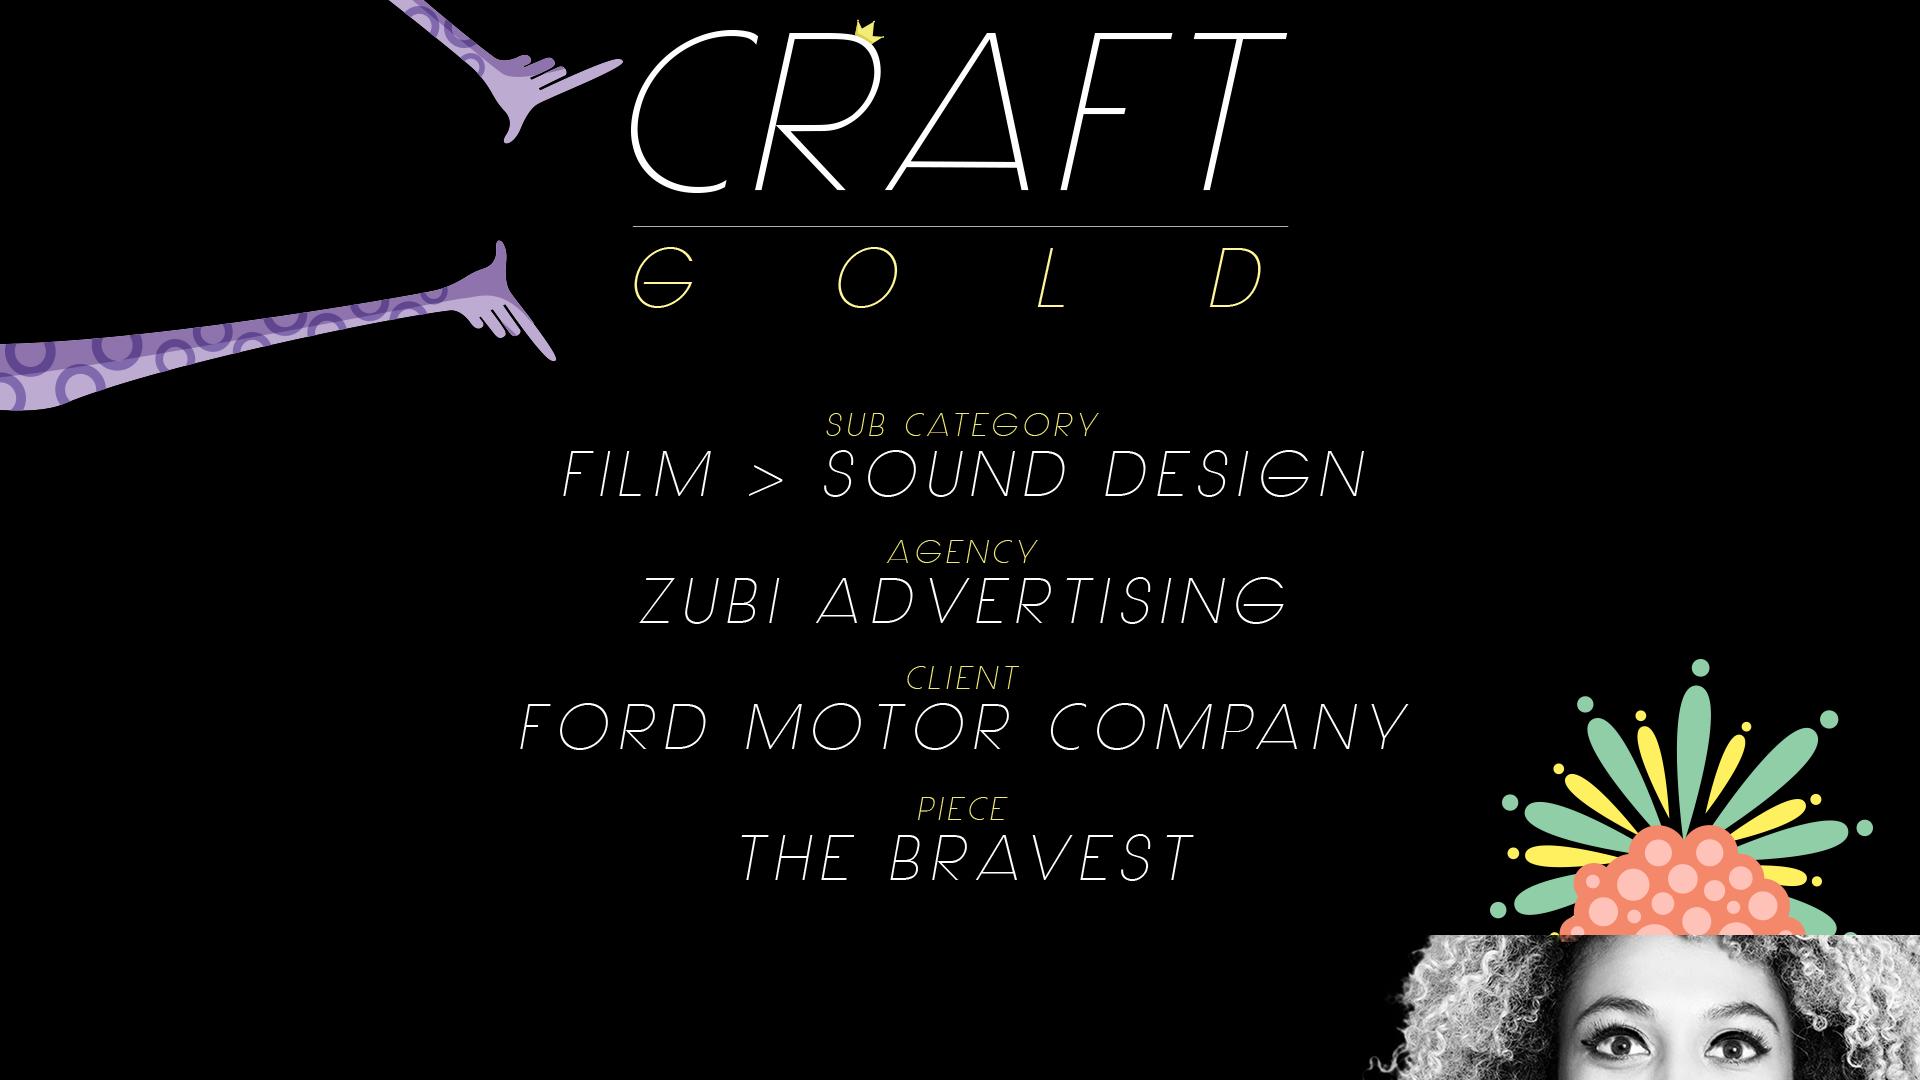 PLACAS GOLD-craft-FILM - SOUND DESIGN.png